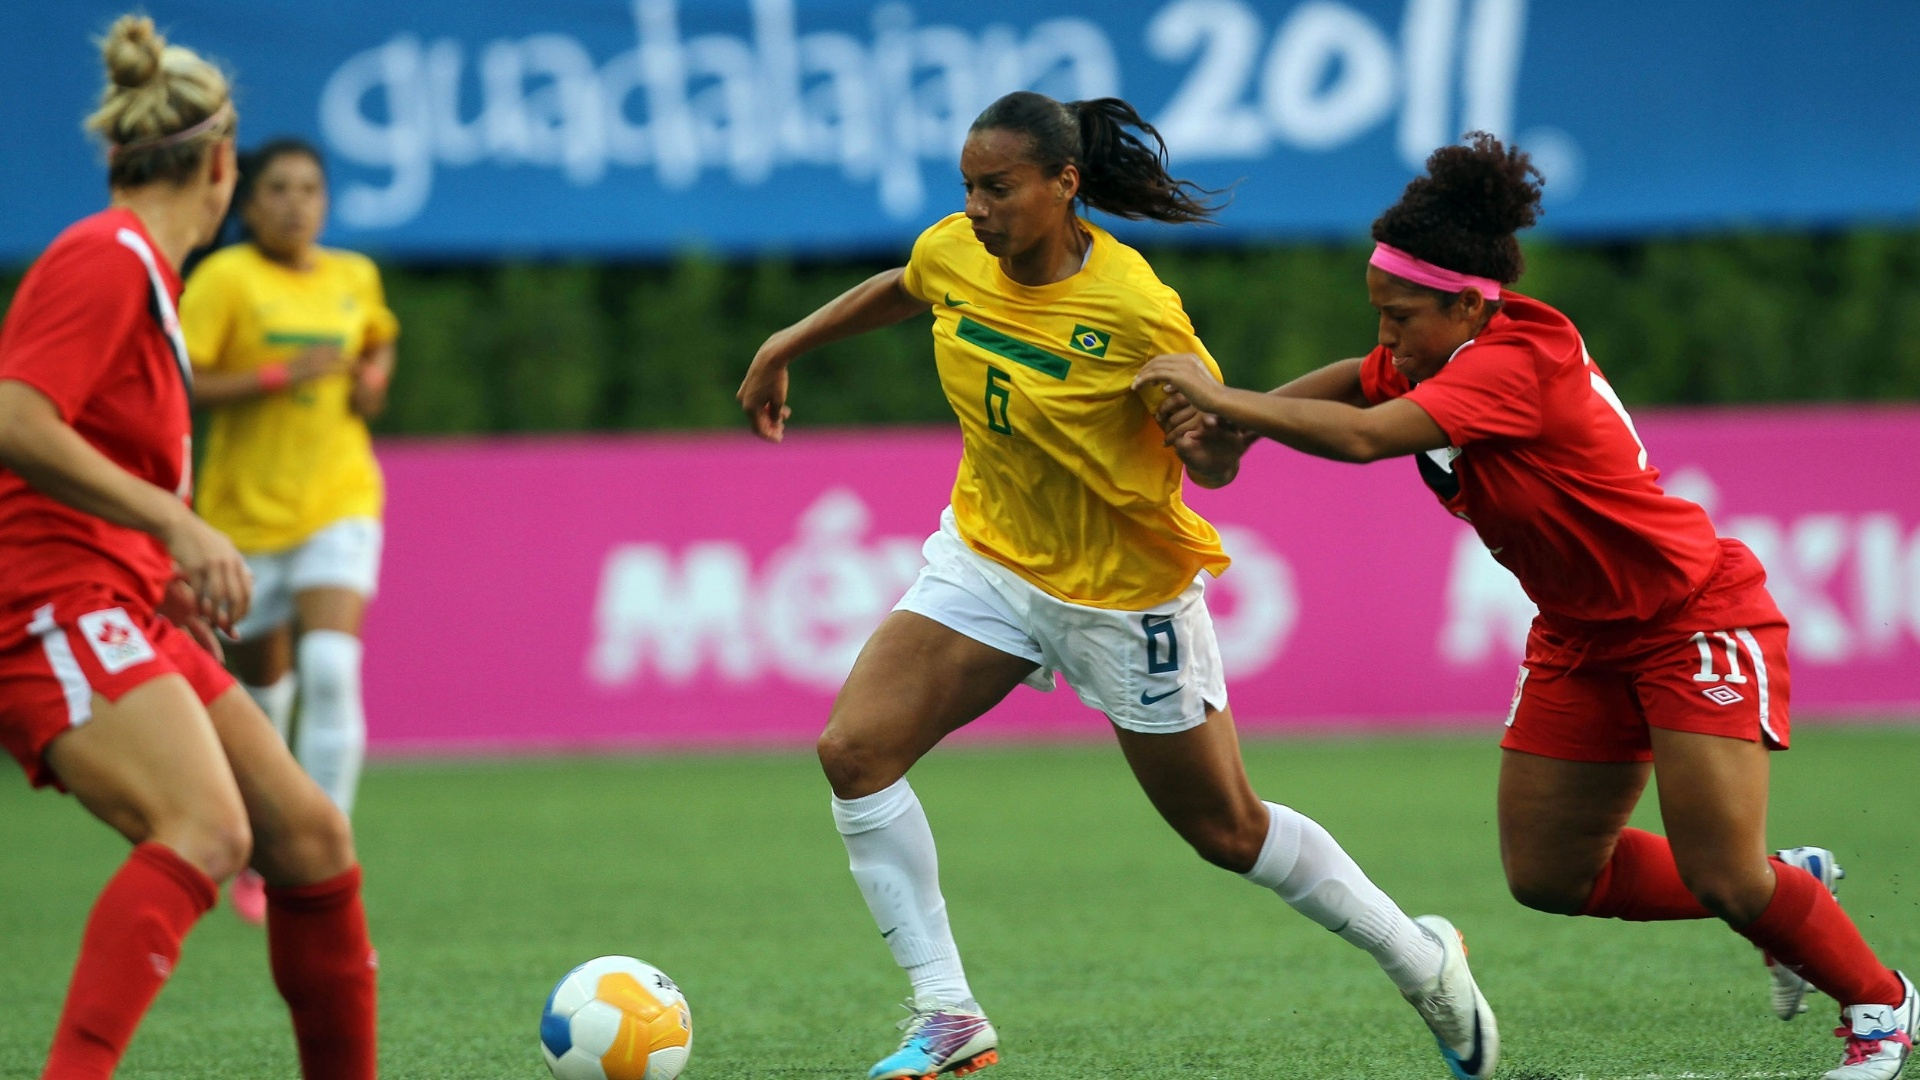 Brasil e Canadá se enfrentam na decisão do futebol feminino em Guadalajara (27/10/2011)